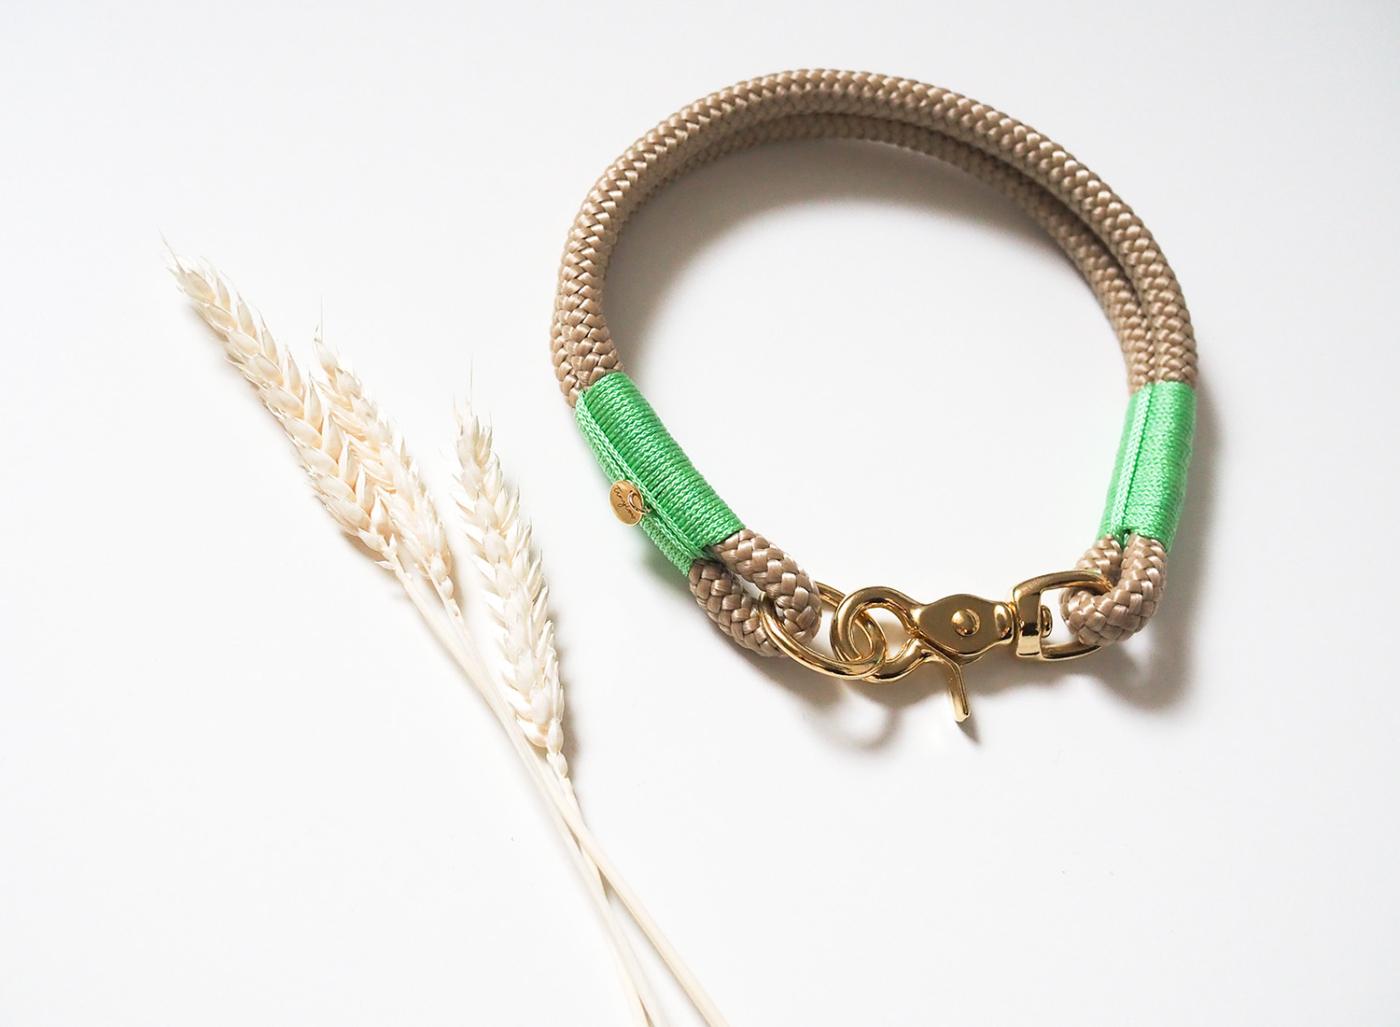 Halsband aus Tau in beige mit mintgrünen Details und goldenem Karabiner aus Messing.